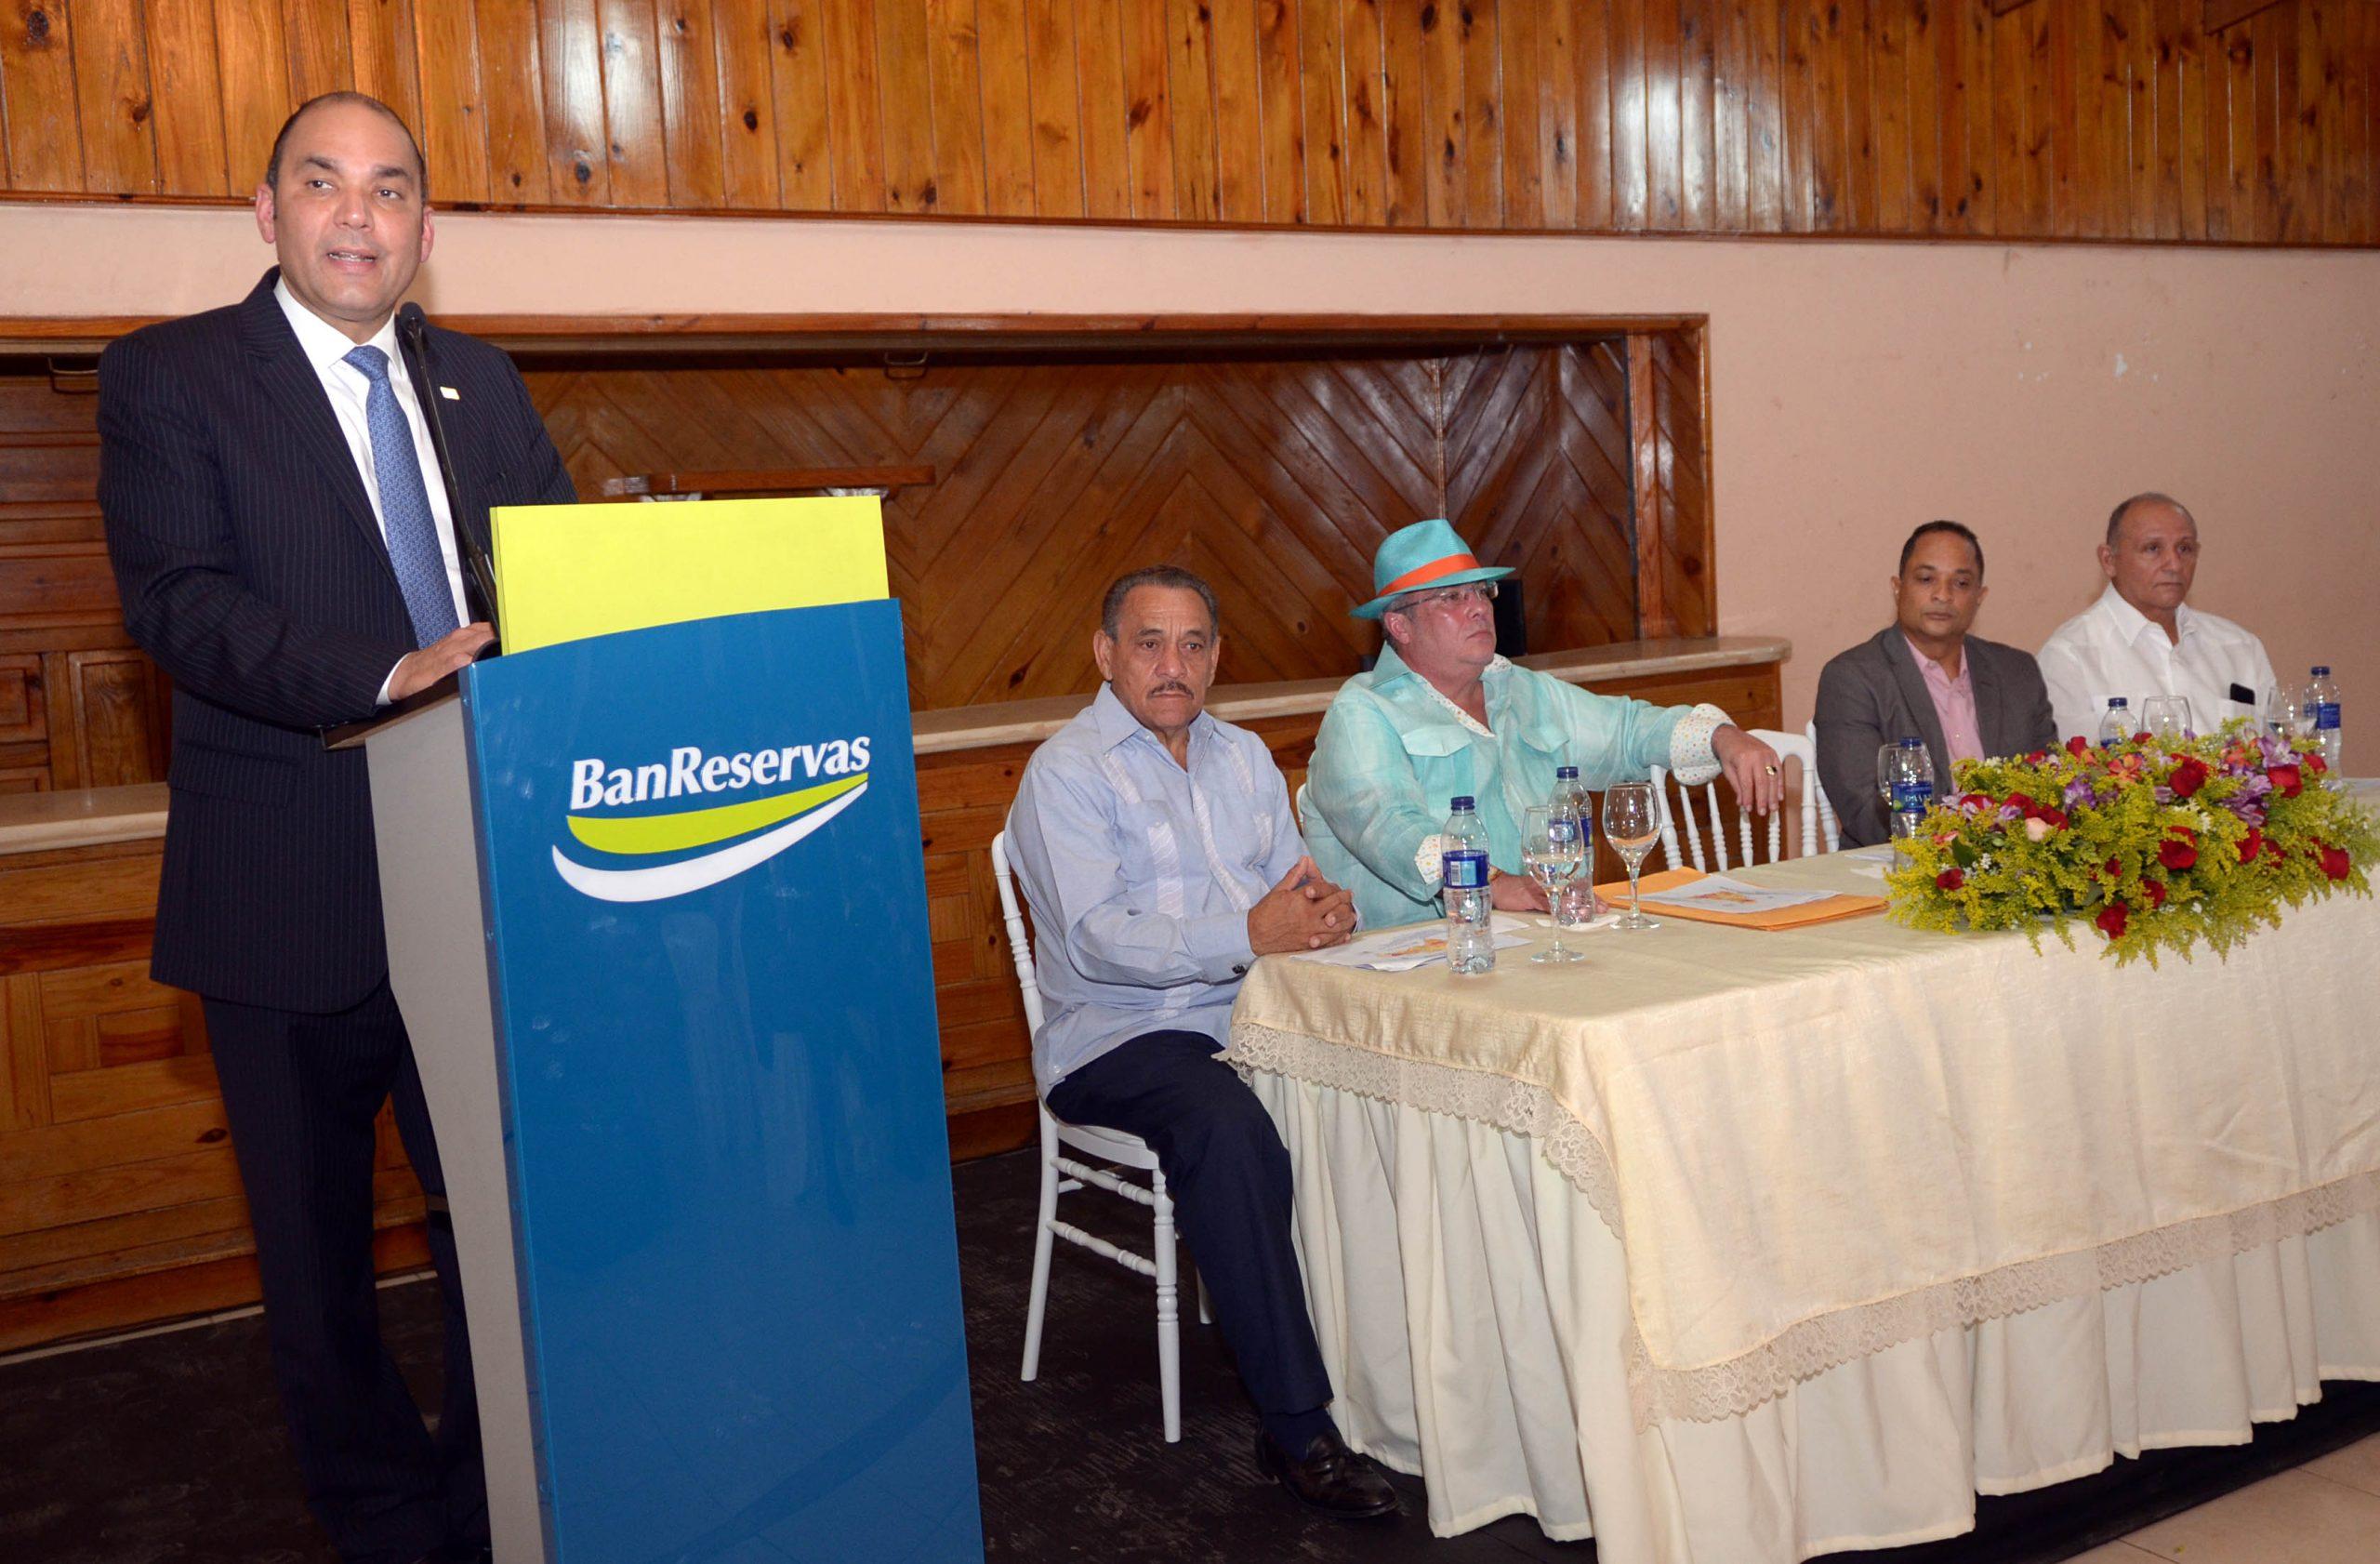 Enrique Ramírez Paniagua, administrador del BanReservas, durante el encuentro de la Cámara de Comercio de esa provincia.